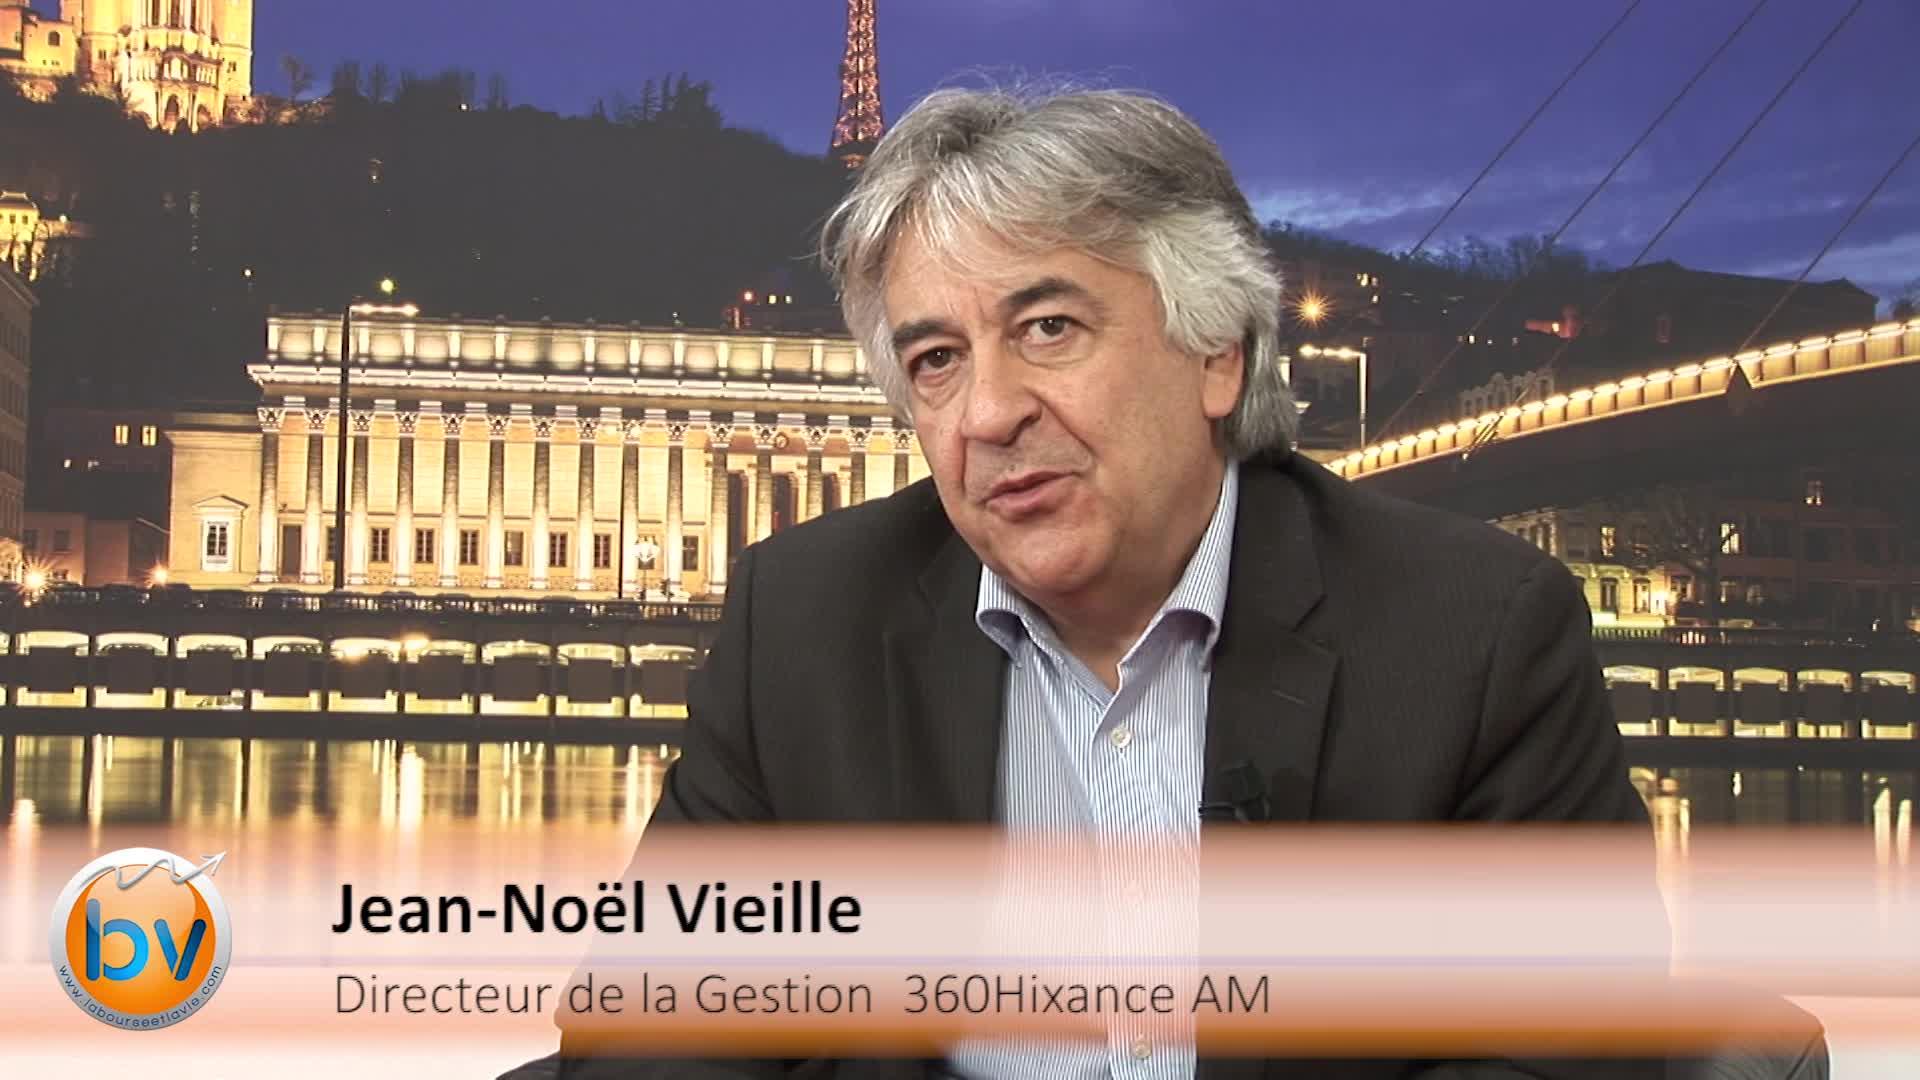 """Jean-Noël Vielle Directeur de la Gestion 360Hixance AM : """"Aller chercher les pépites de demain"""""""